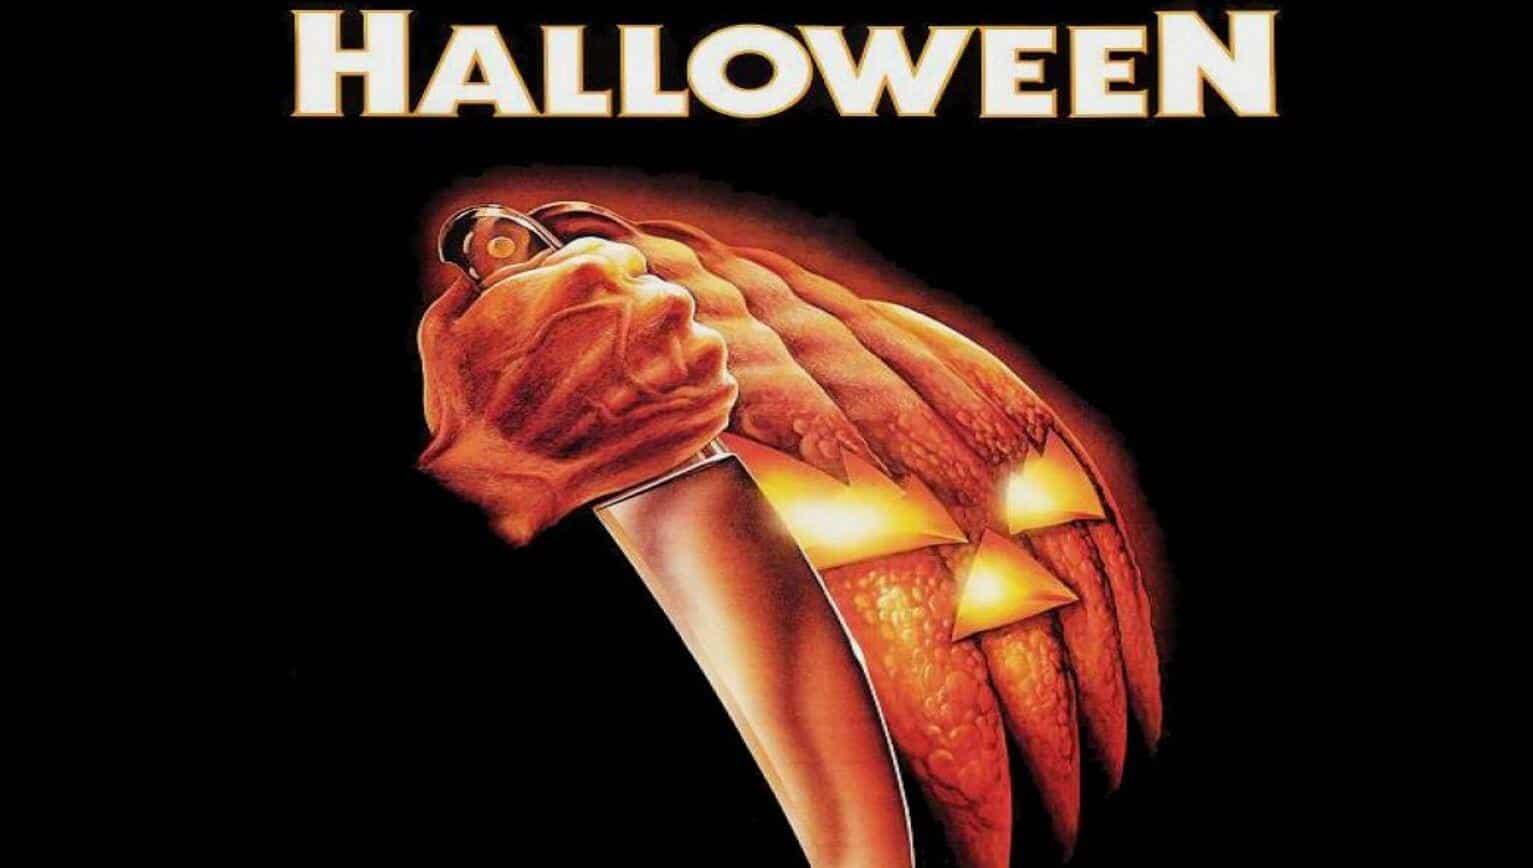 original halloween poster features